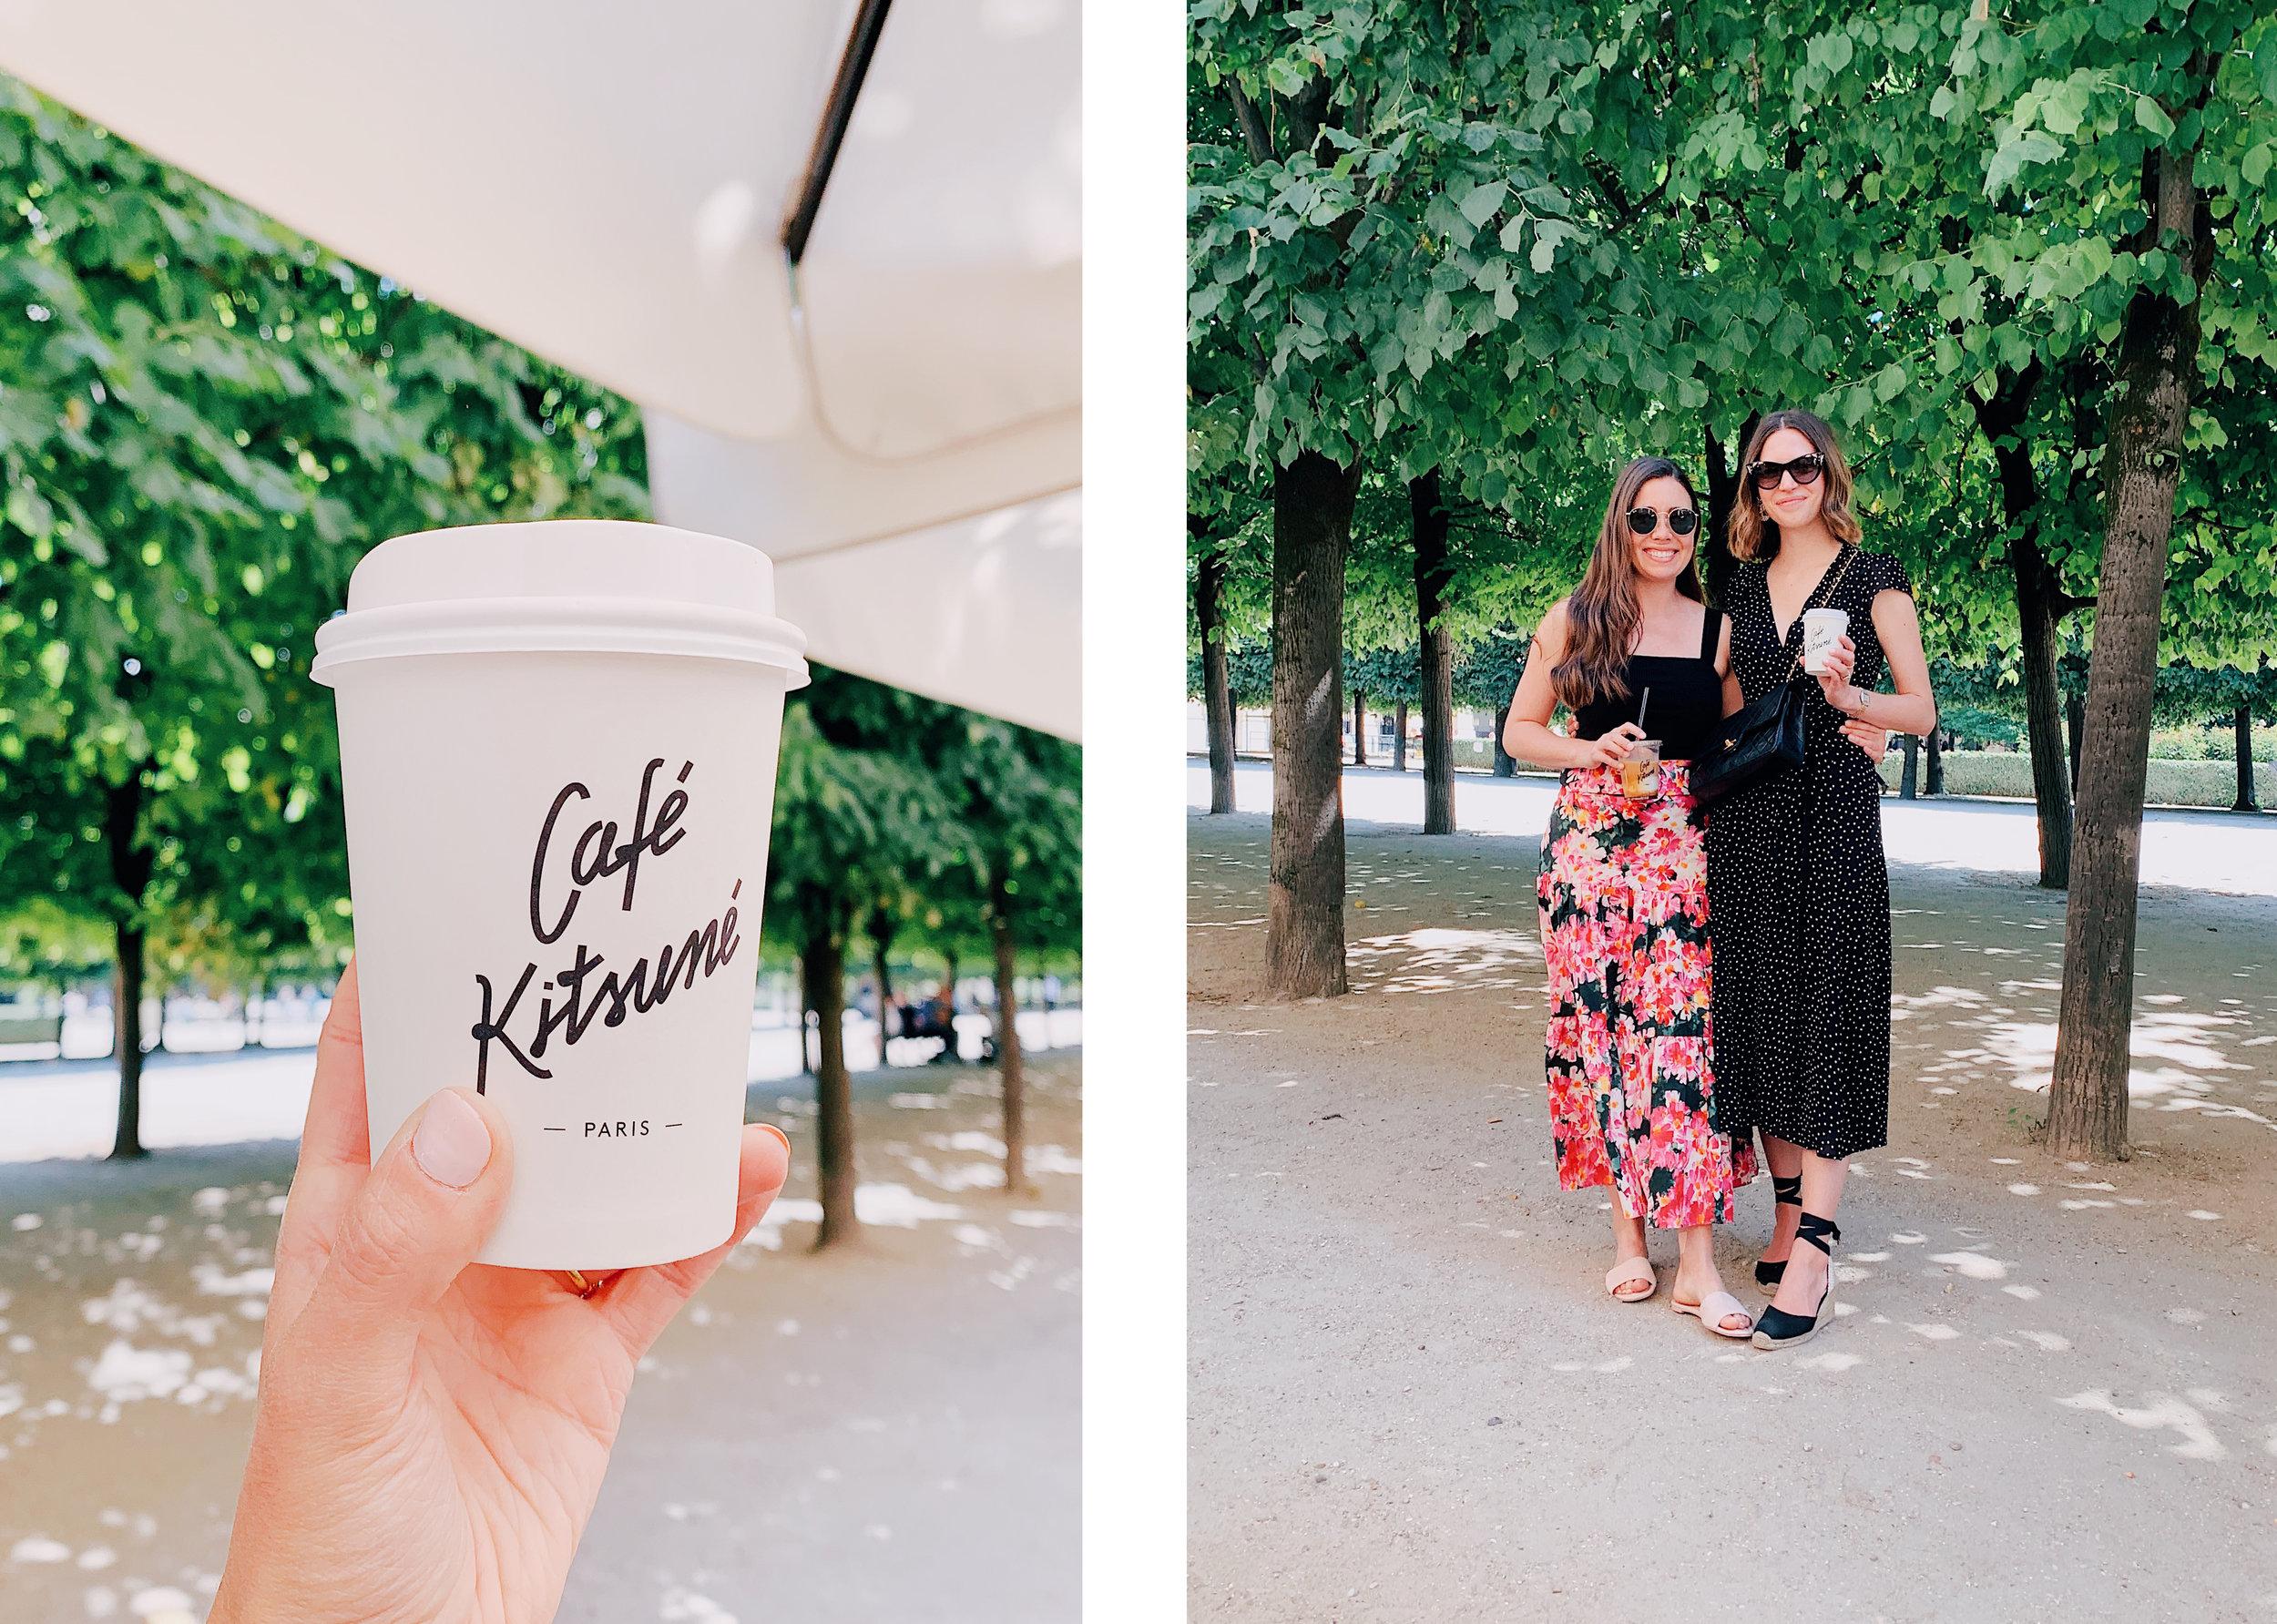 Paris 9 Cafe Kitsune.jpg